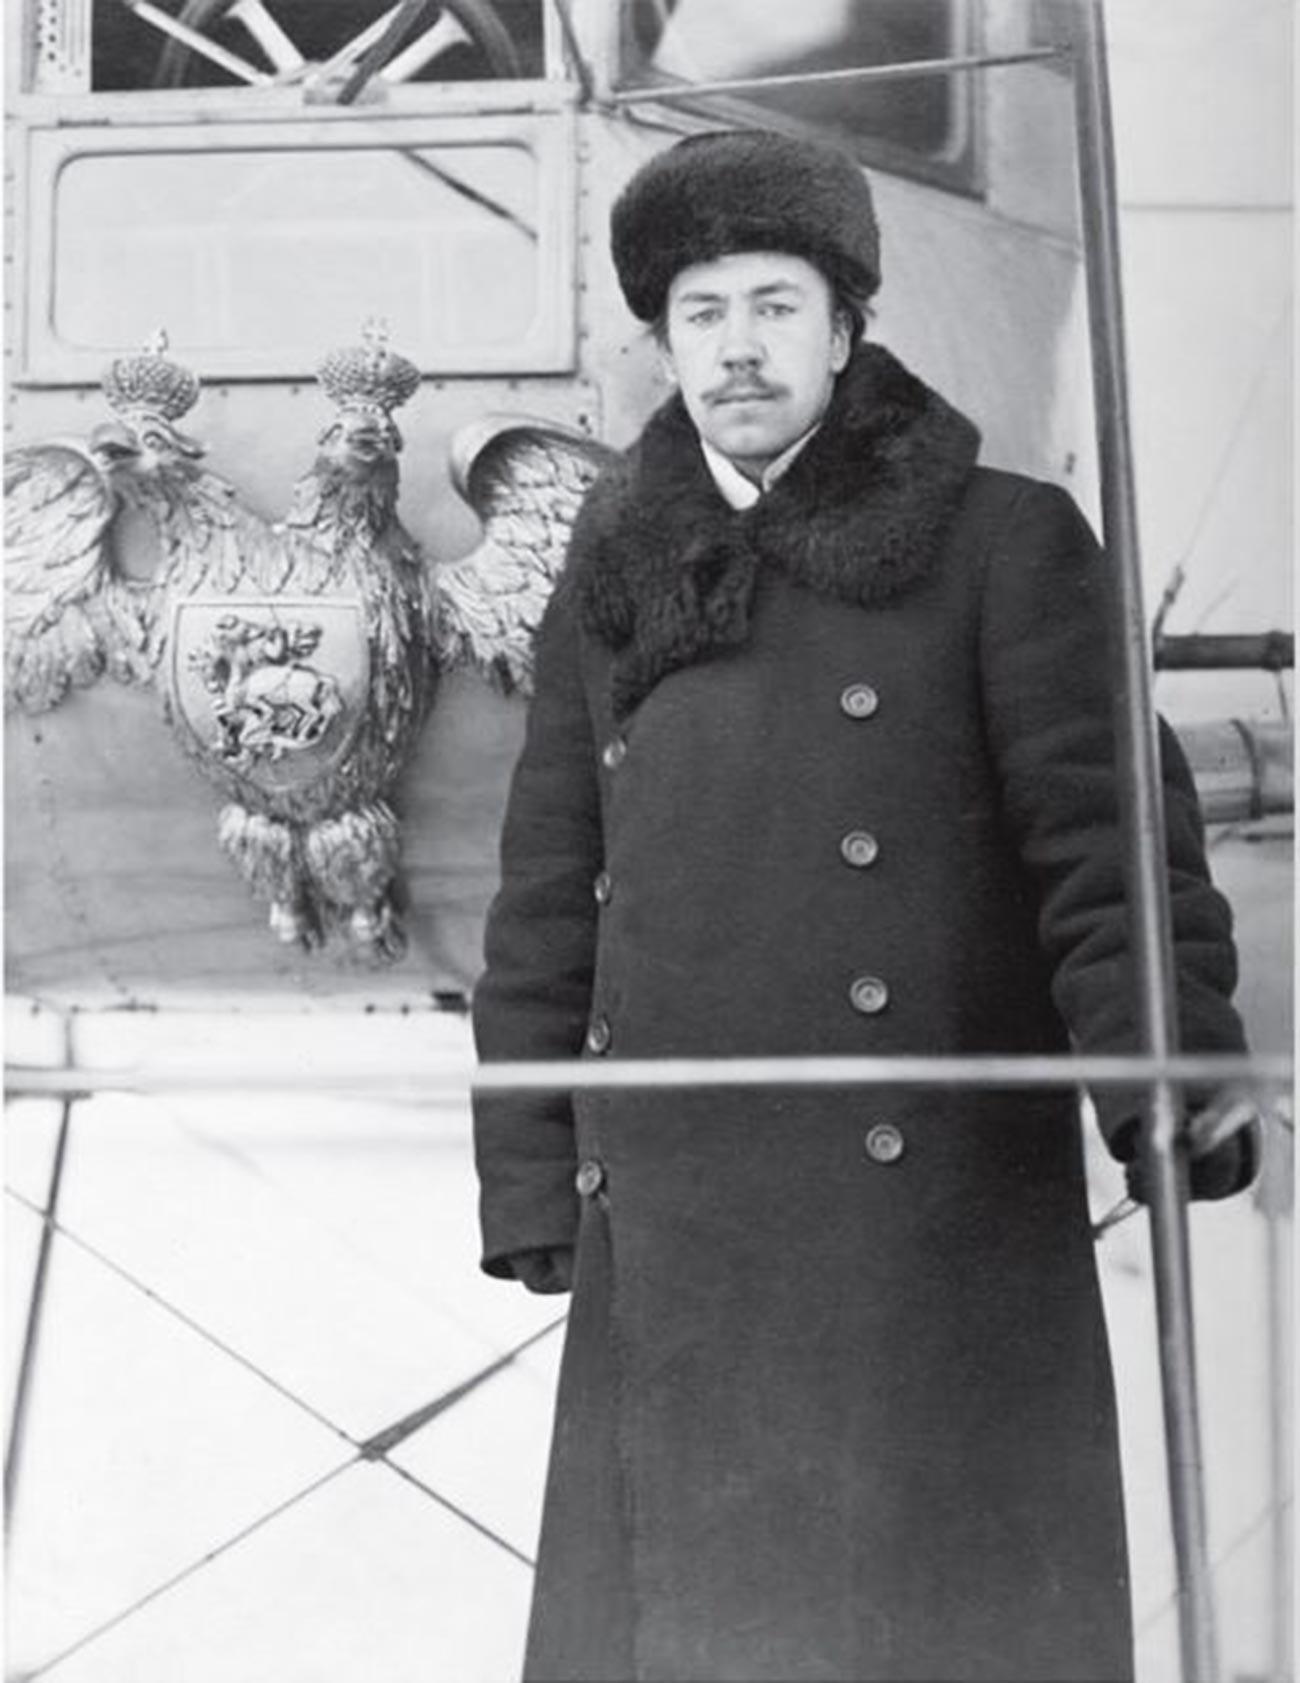 Sikorski na sprednji platformi prvega primerka letala Ilja Muromec (1913-1914)